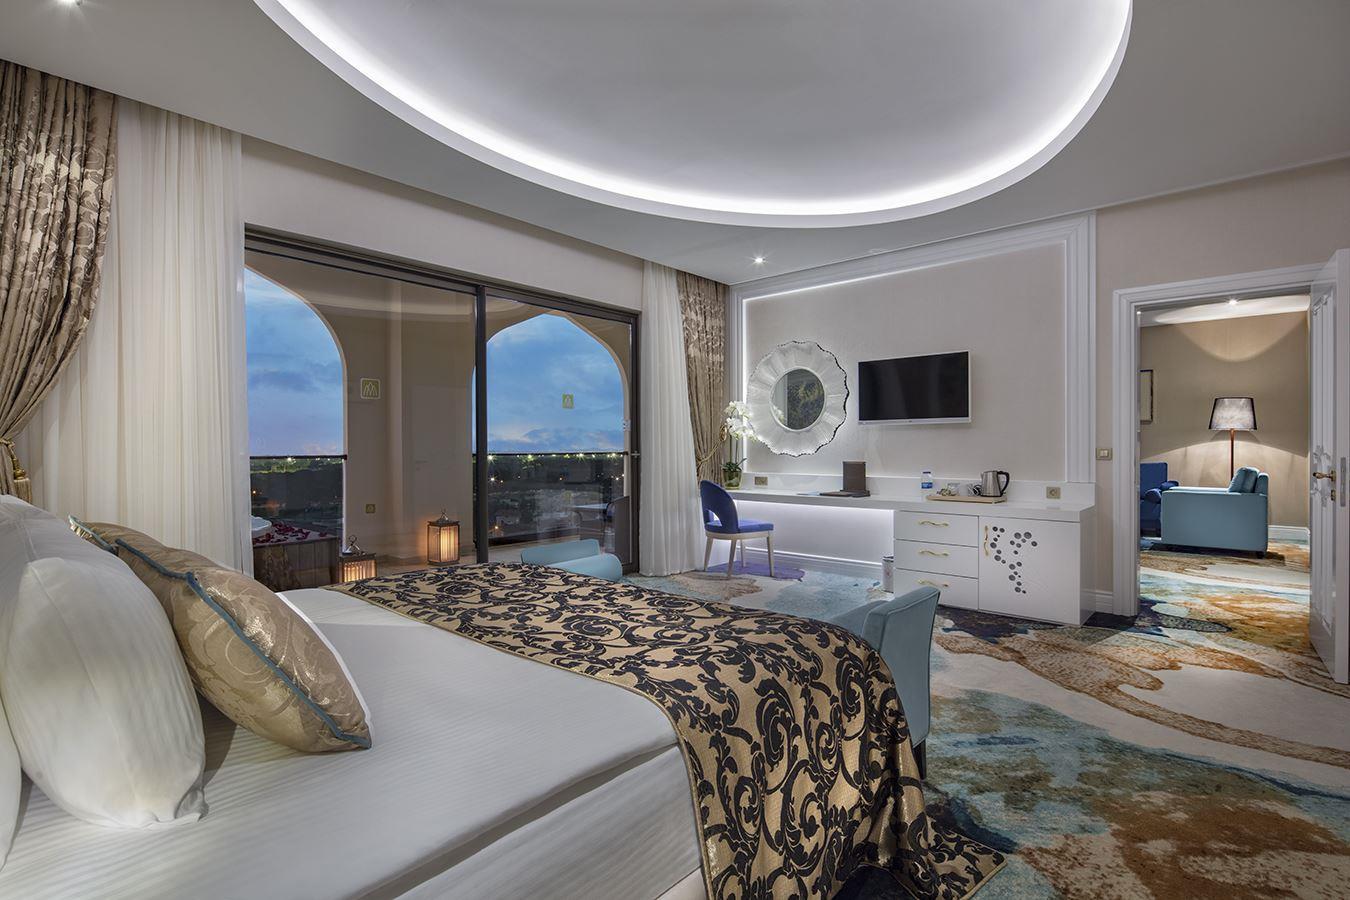 Фото нового отеля Турции Granada Luxury Belek номера